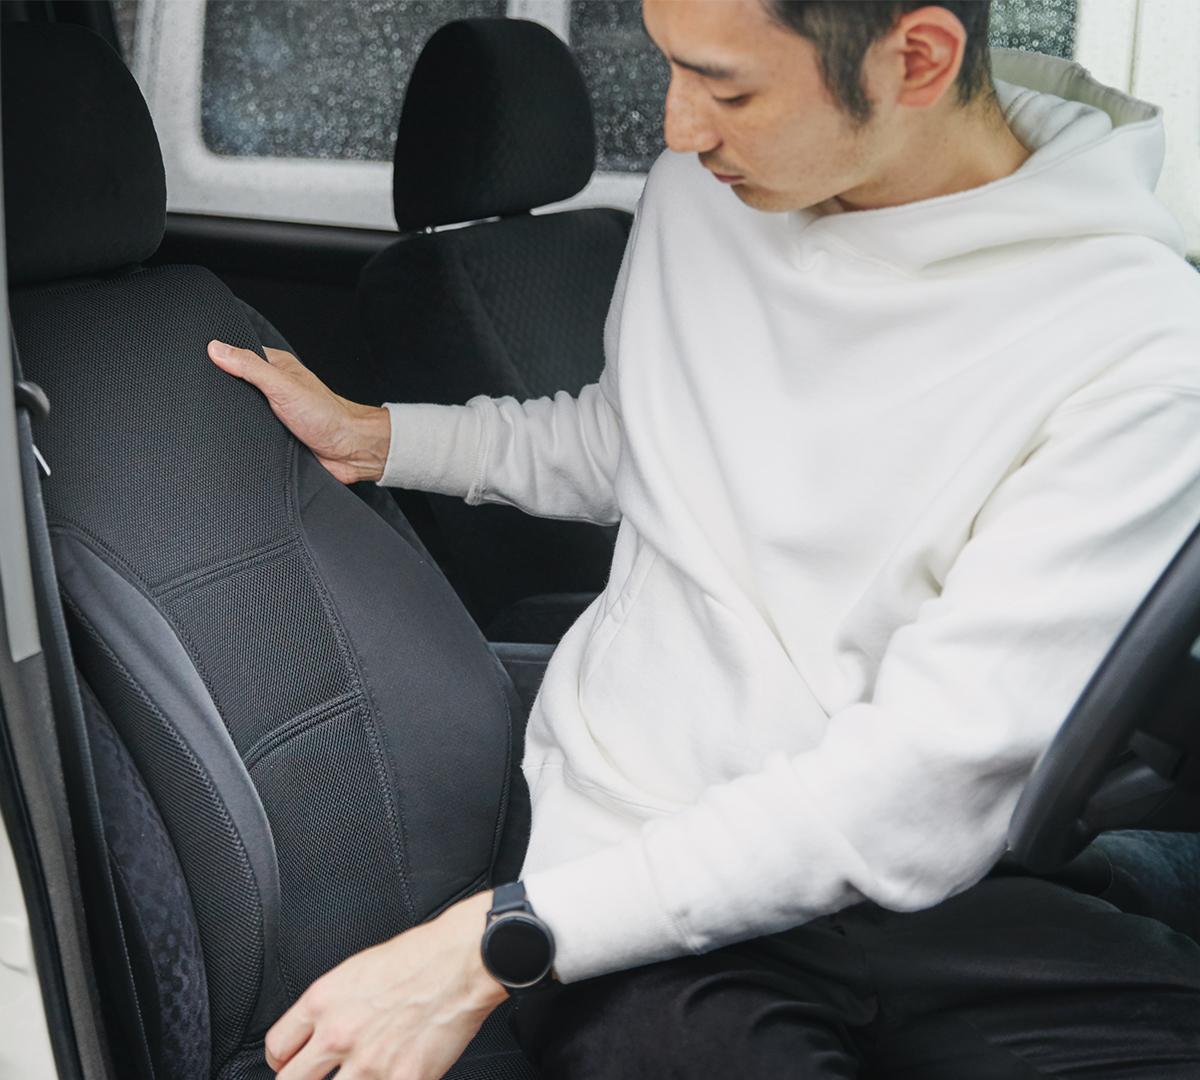 サービスエリアいらずの快適さ。置くだけで、運転中ずっと、腰・背中・お尻がラクな車用シートクッション|P!nto Driver